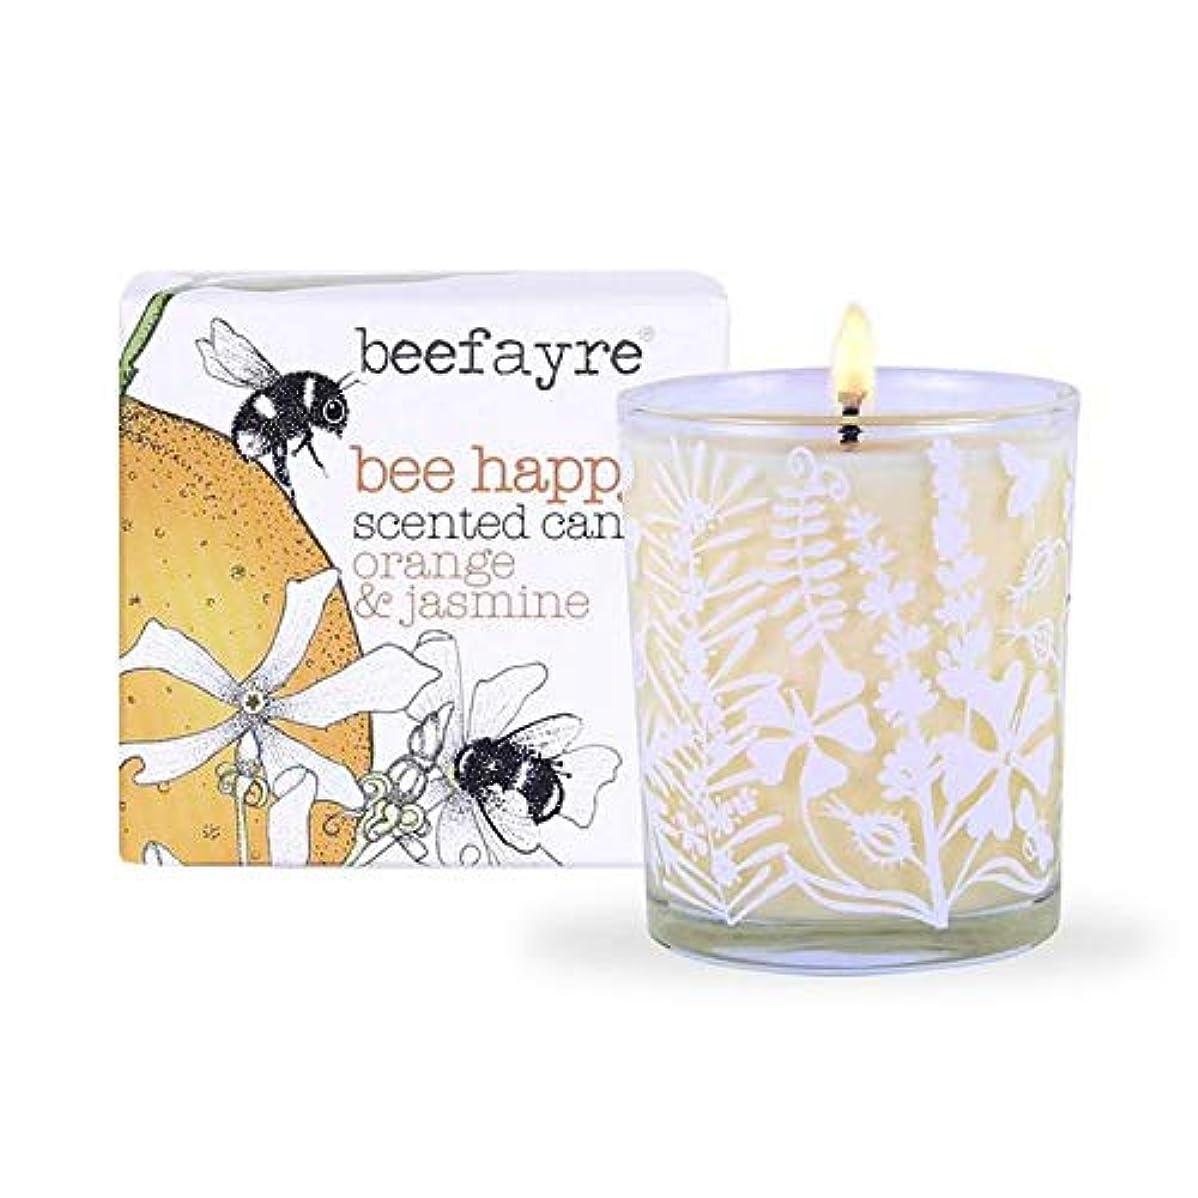 シリンダー護衛推定する[Beefayre] オレンジ&ジャスミンの香りのキャンドル9Cl Beefayre - Beefayre Orange & Jasmine Scented Candle 9cl [並行輸入品]